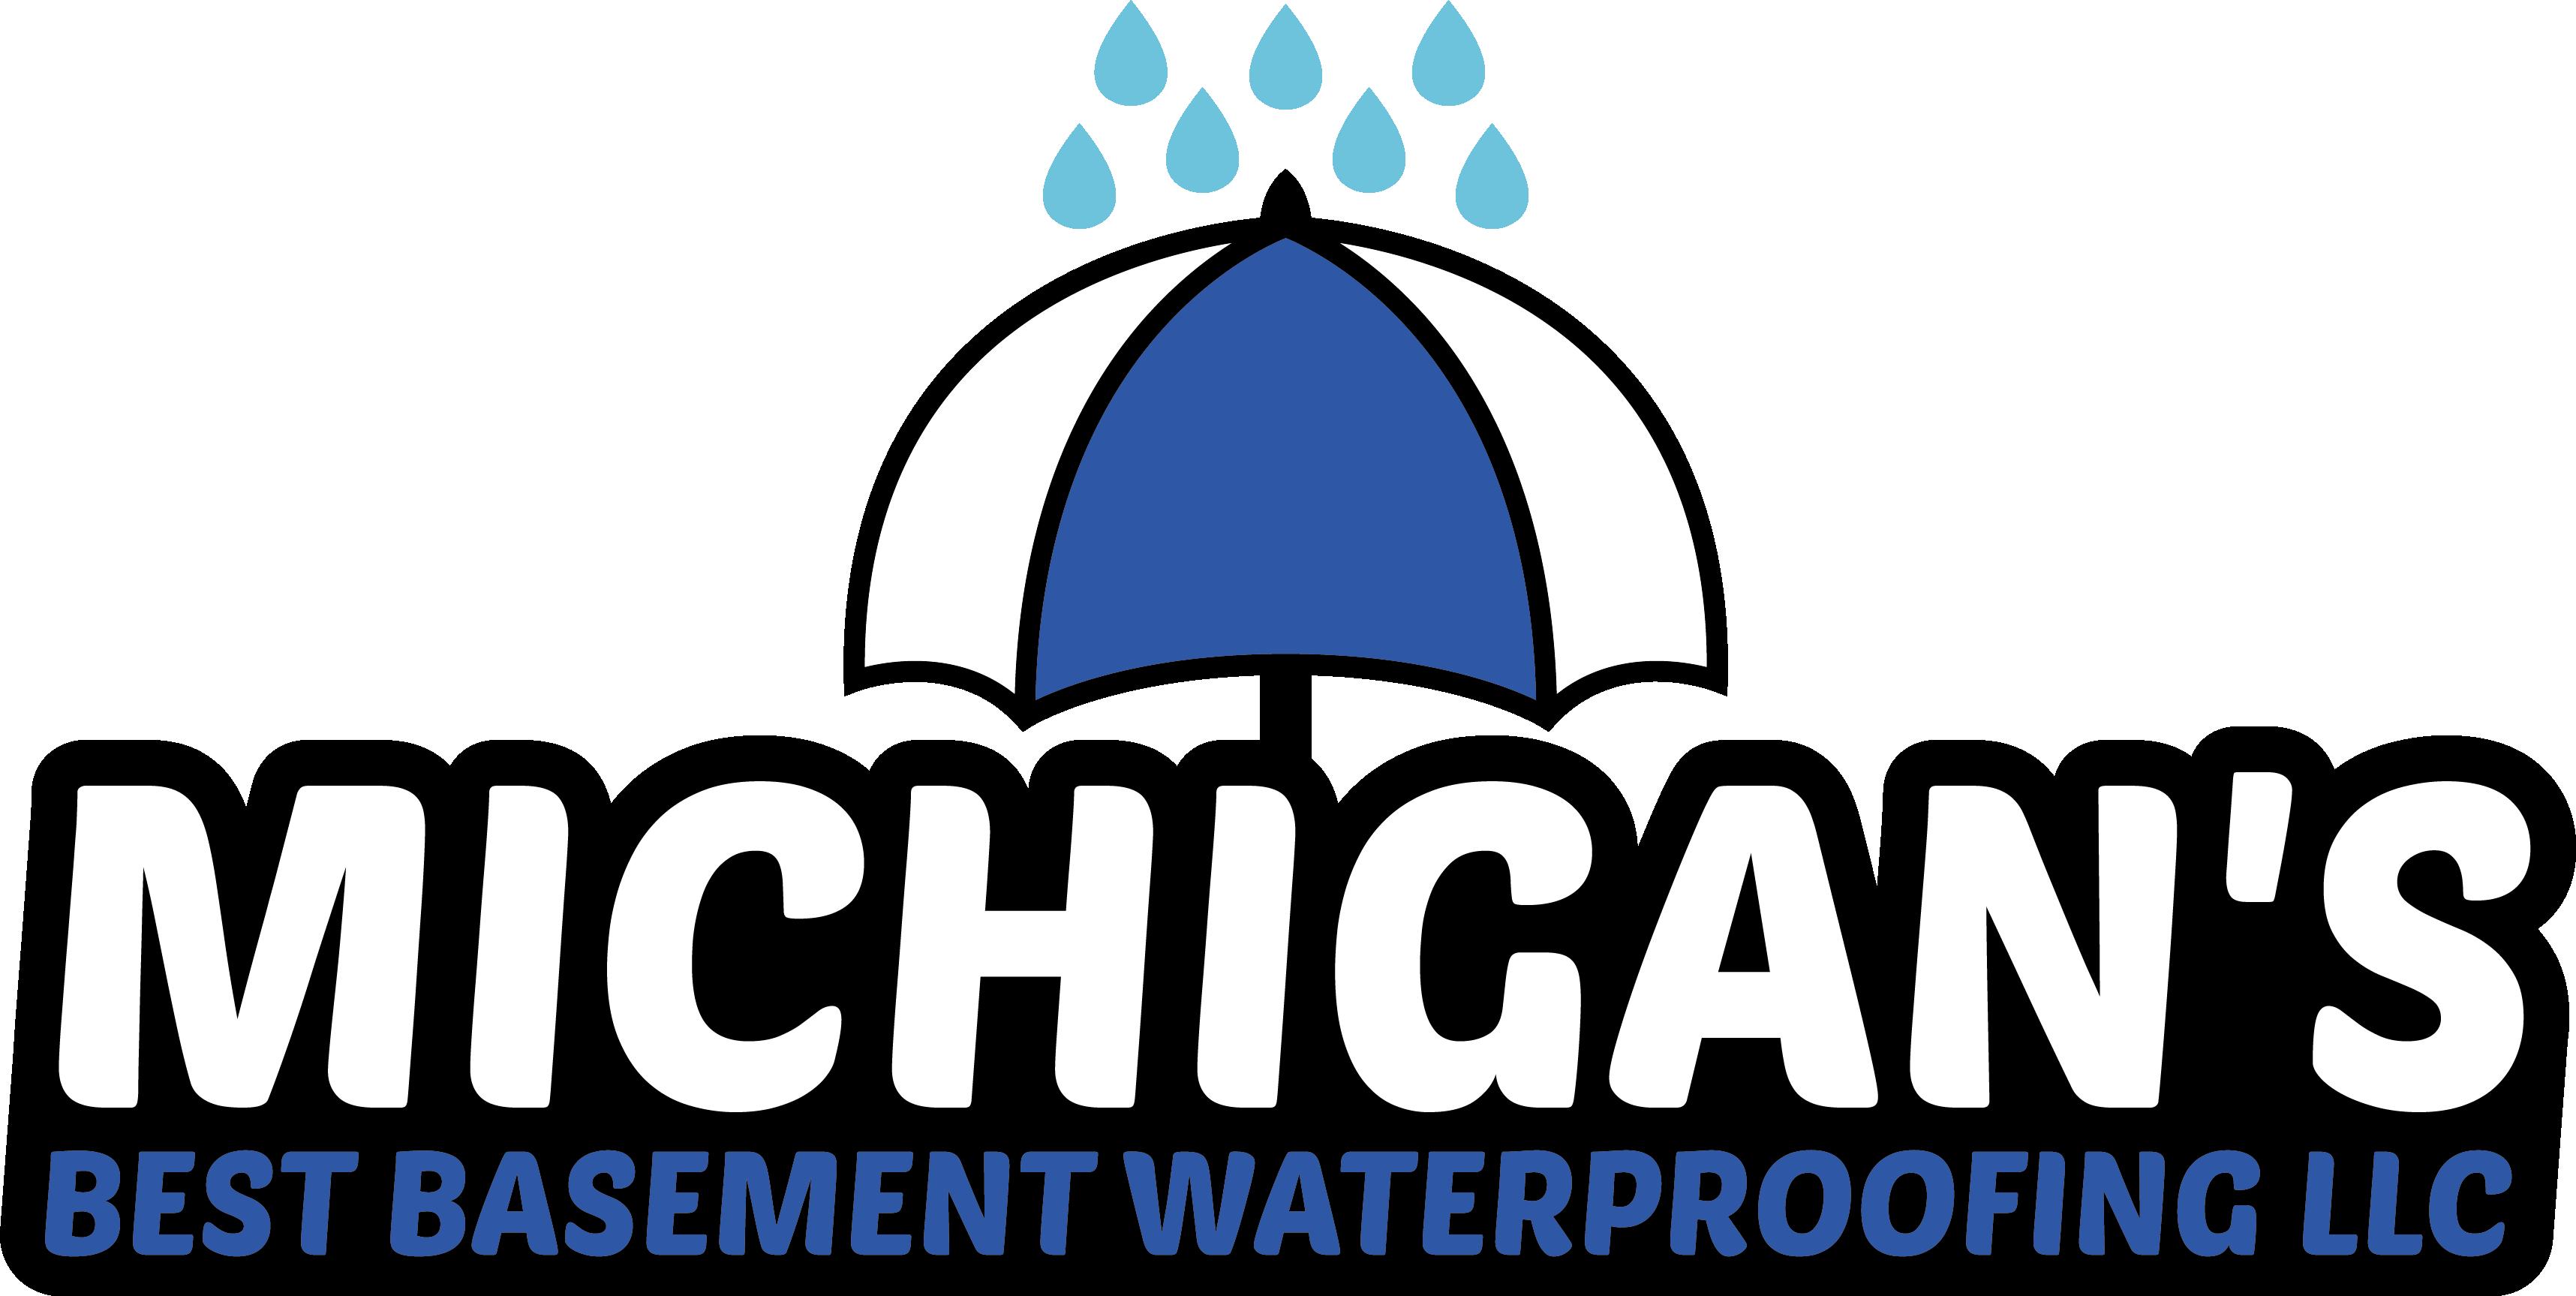 Michigan's Best Basement Waterproofing